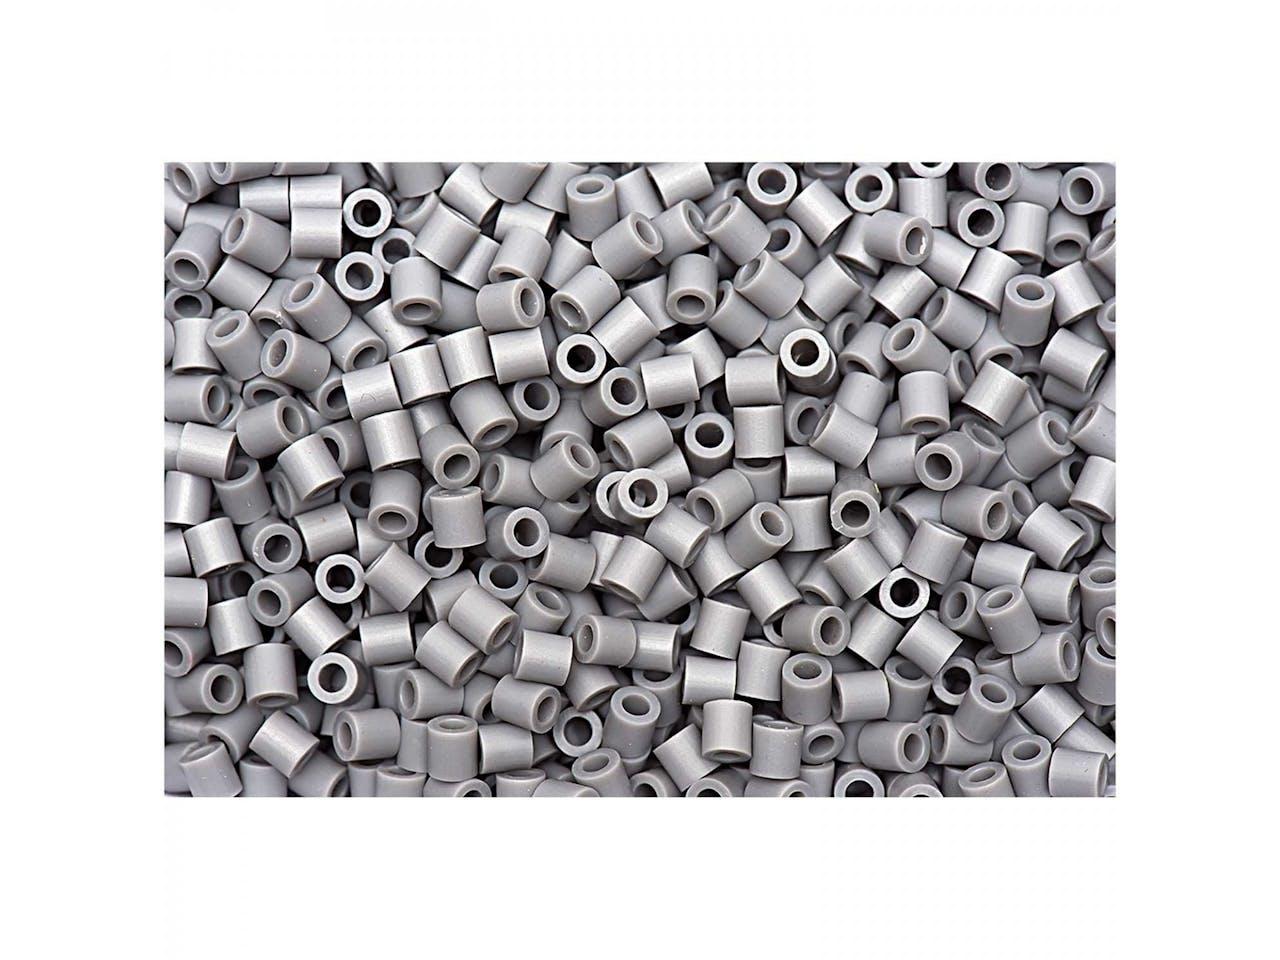 Bügelperlen, 50 x 50 mm, ca. 1000 Stück, hellgrau